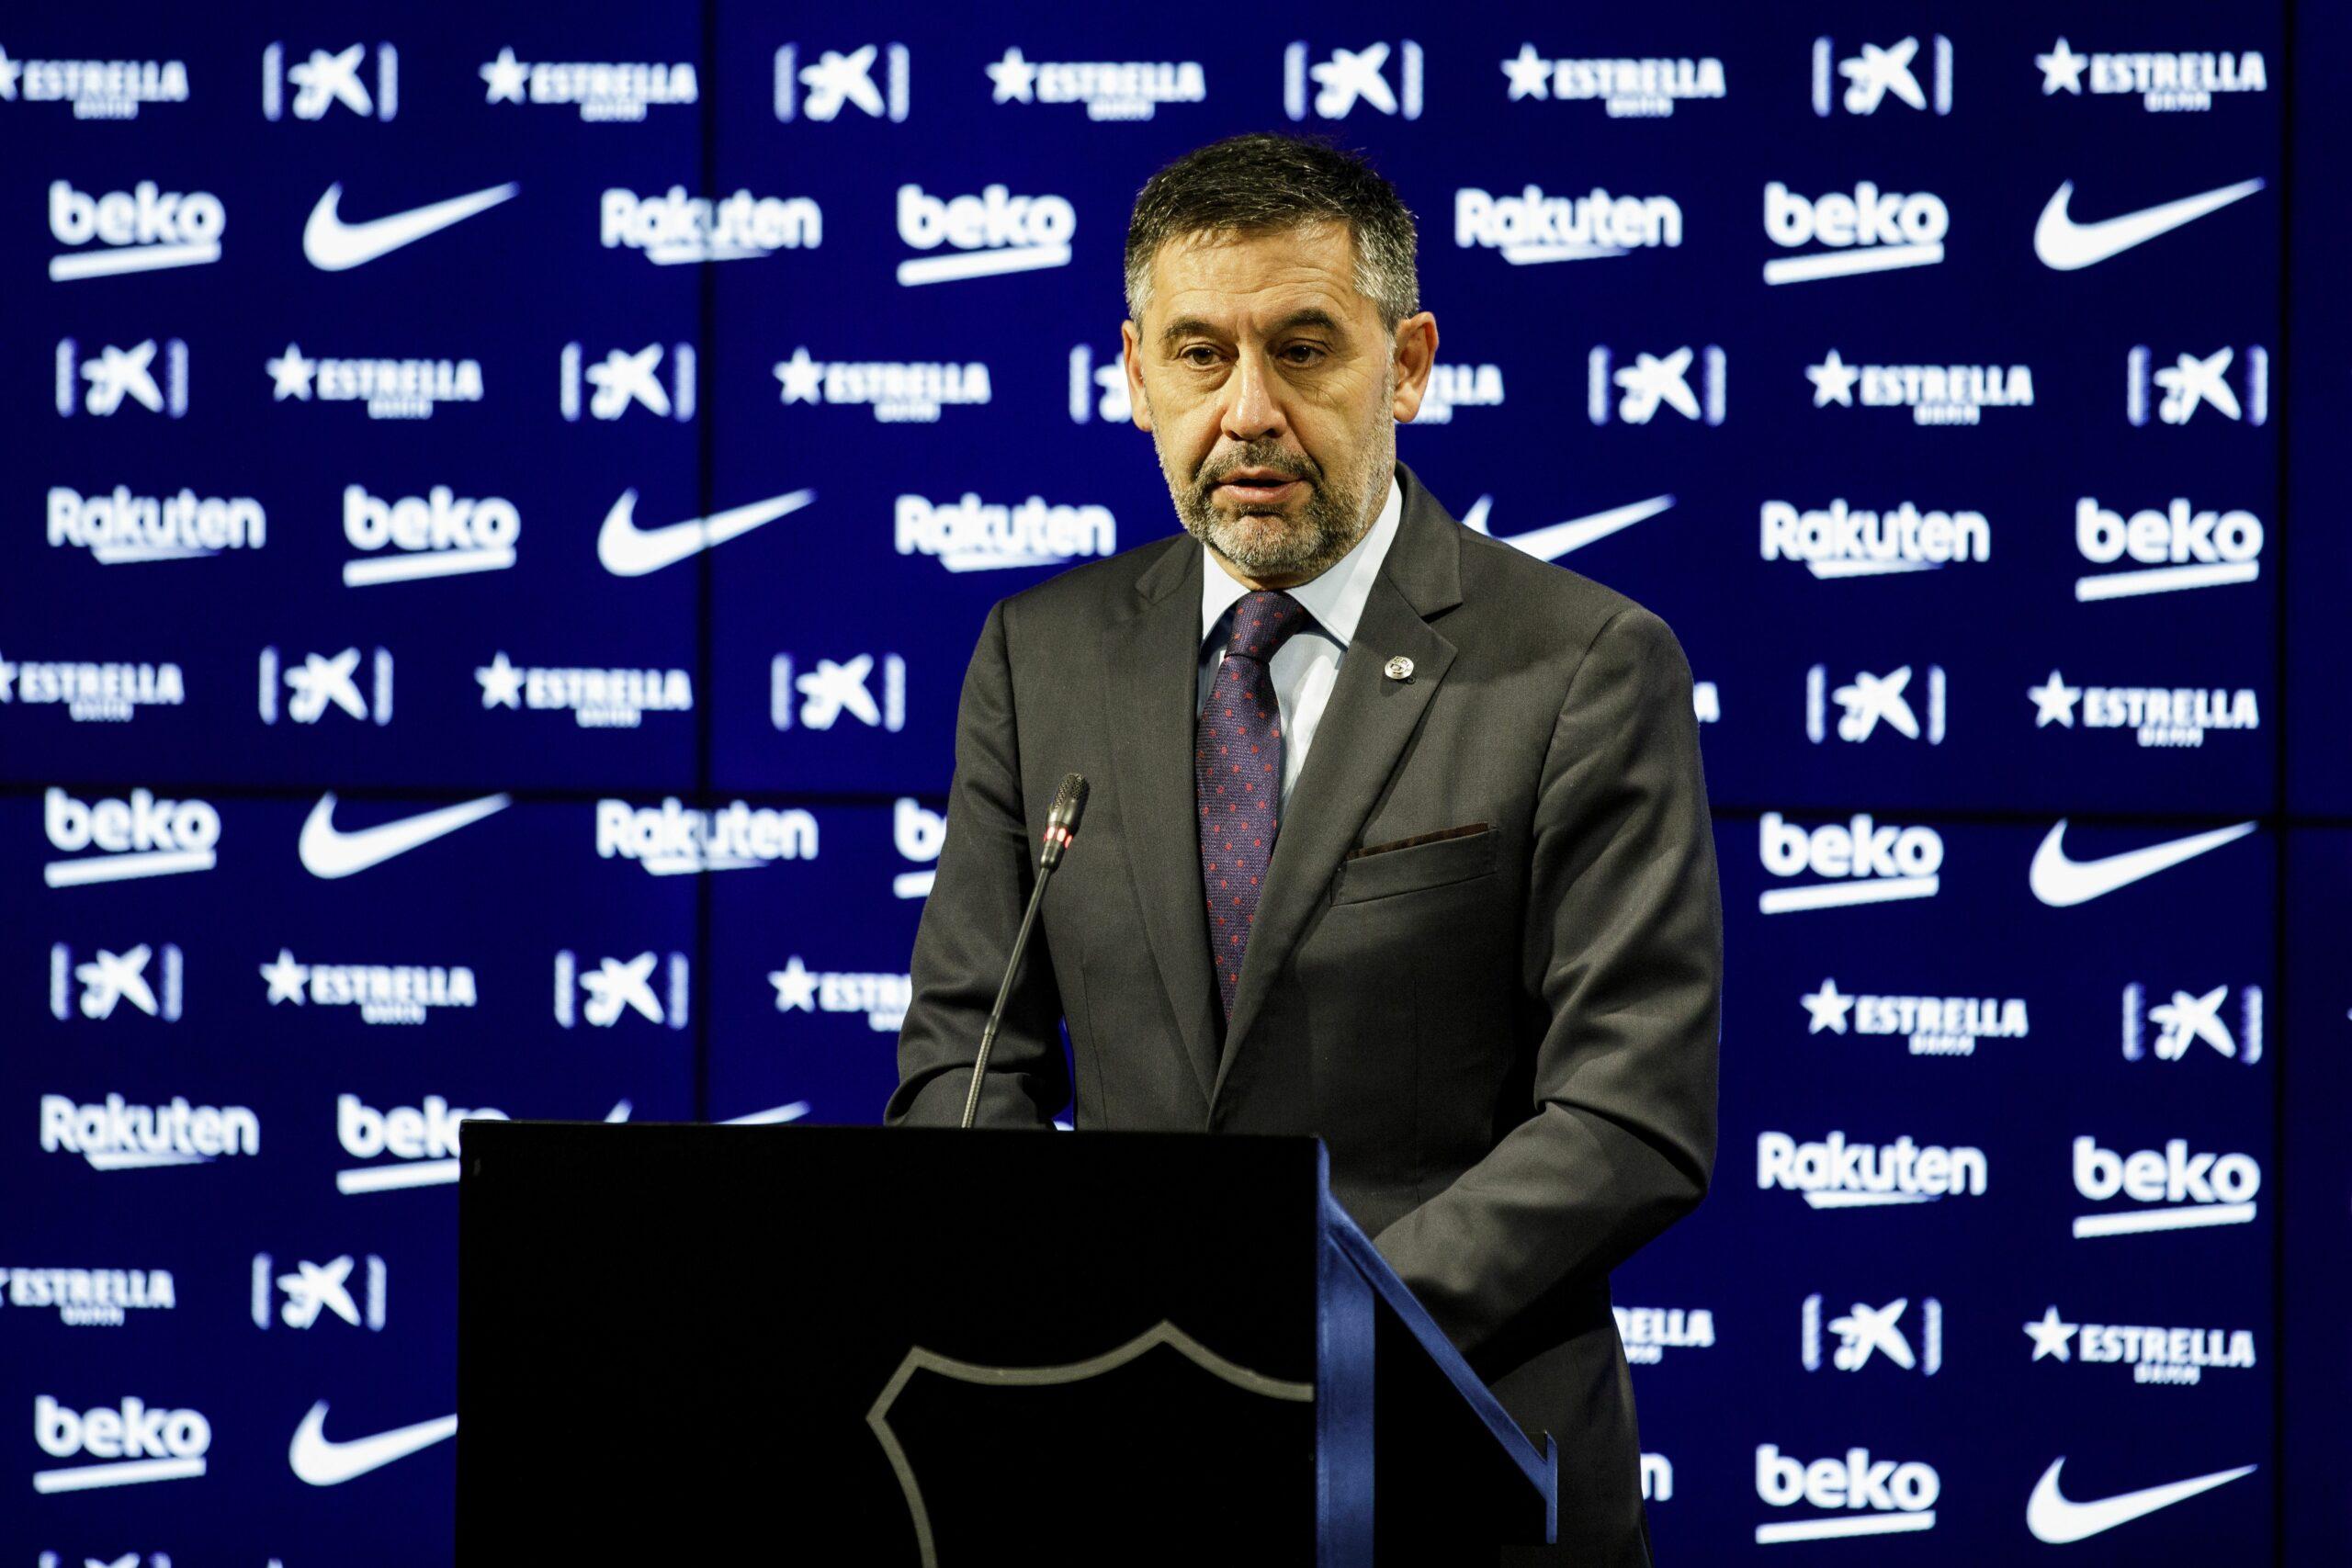 Josep Maria Bartomeu, durant una compareixença davant els mitjans de comunicació |FC Barcelona